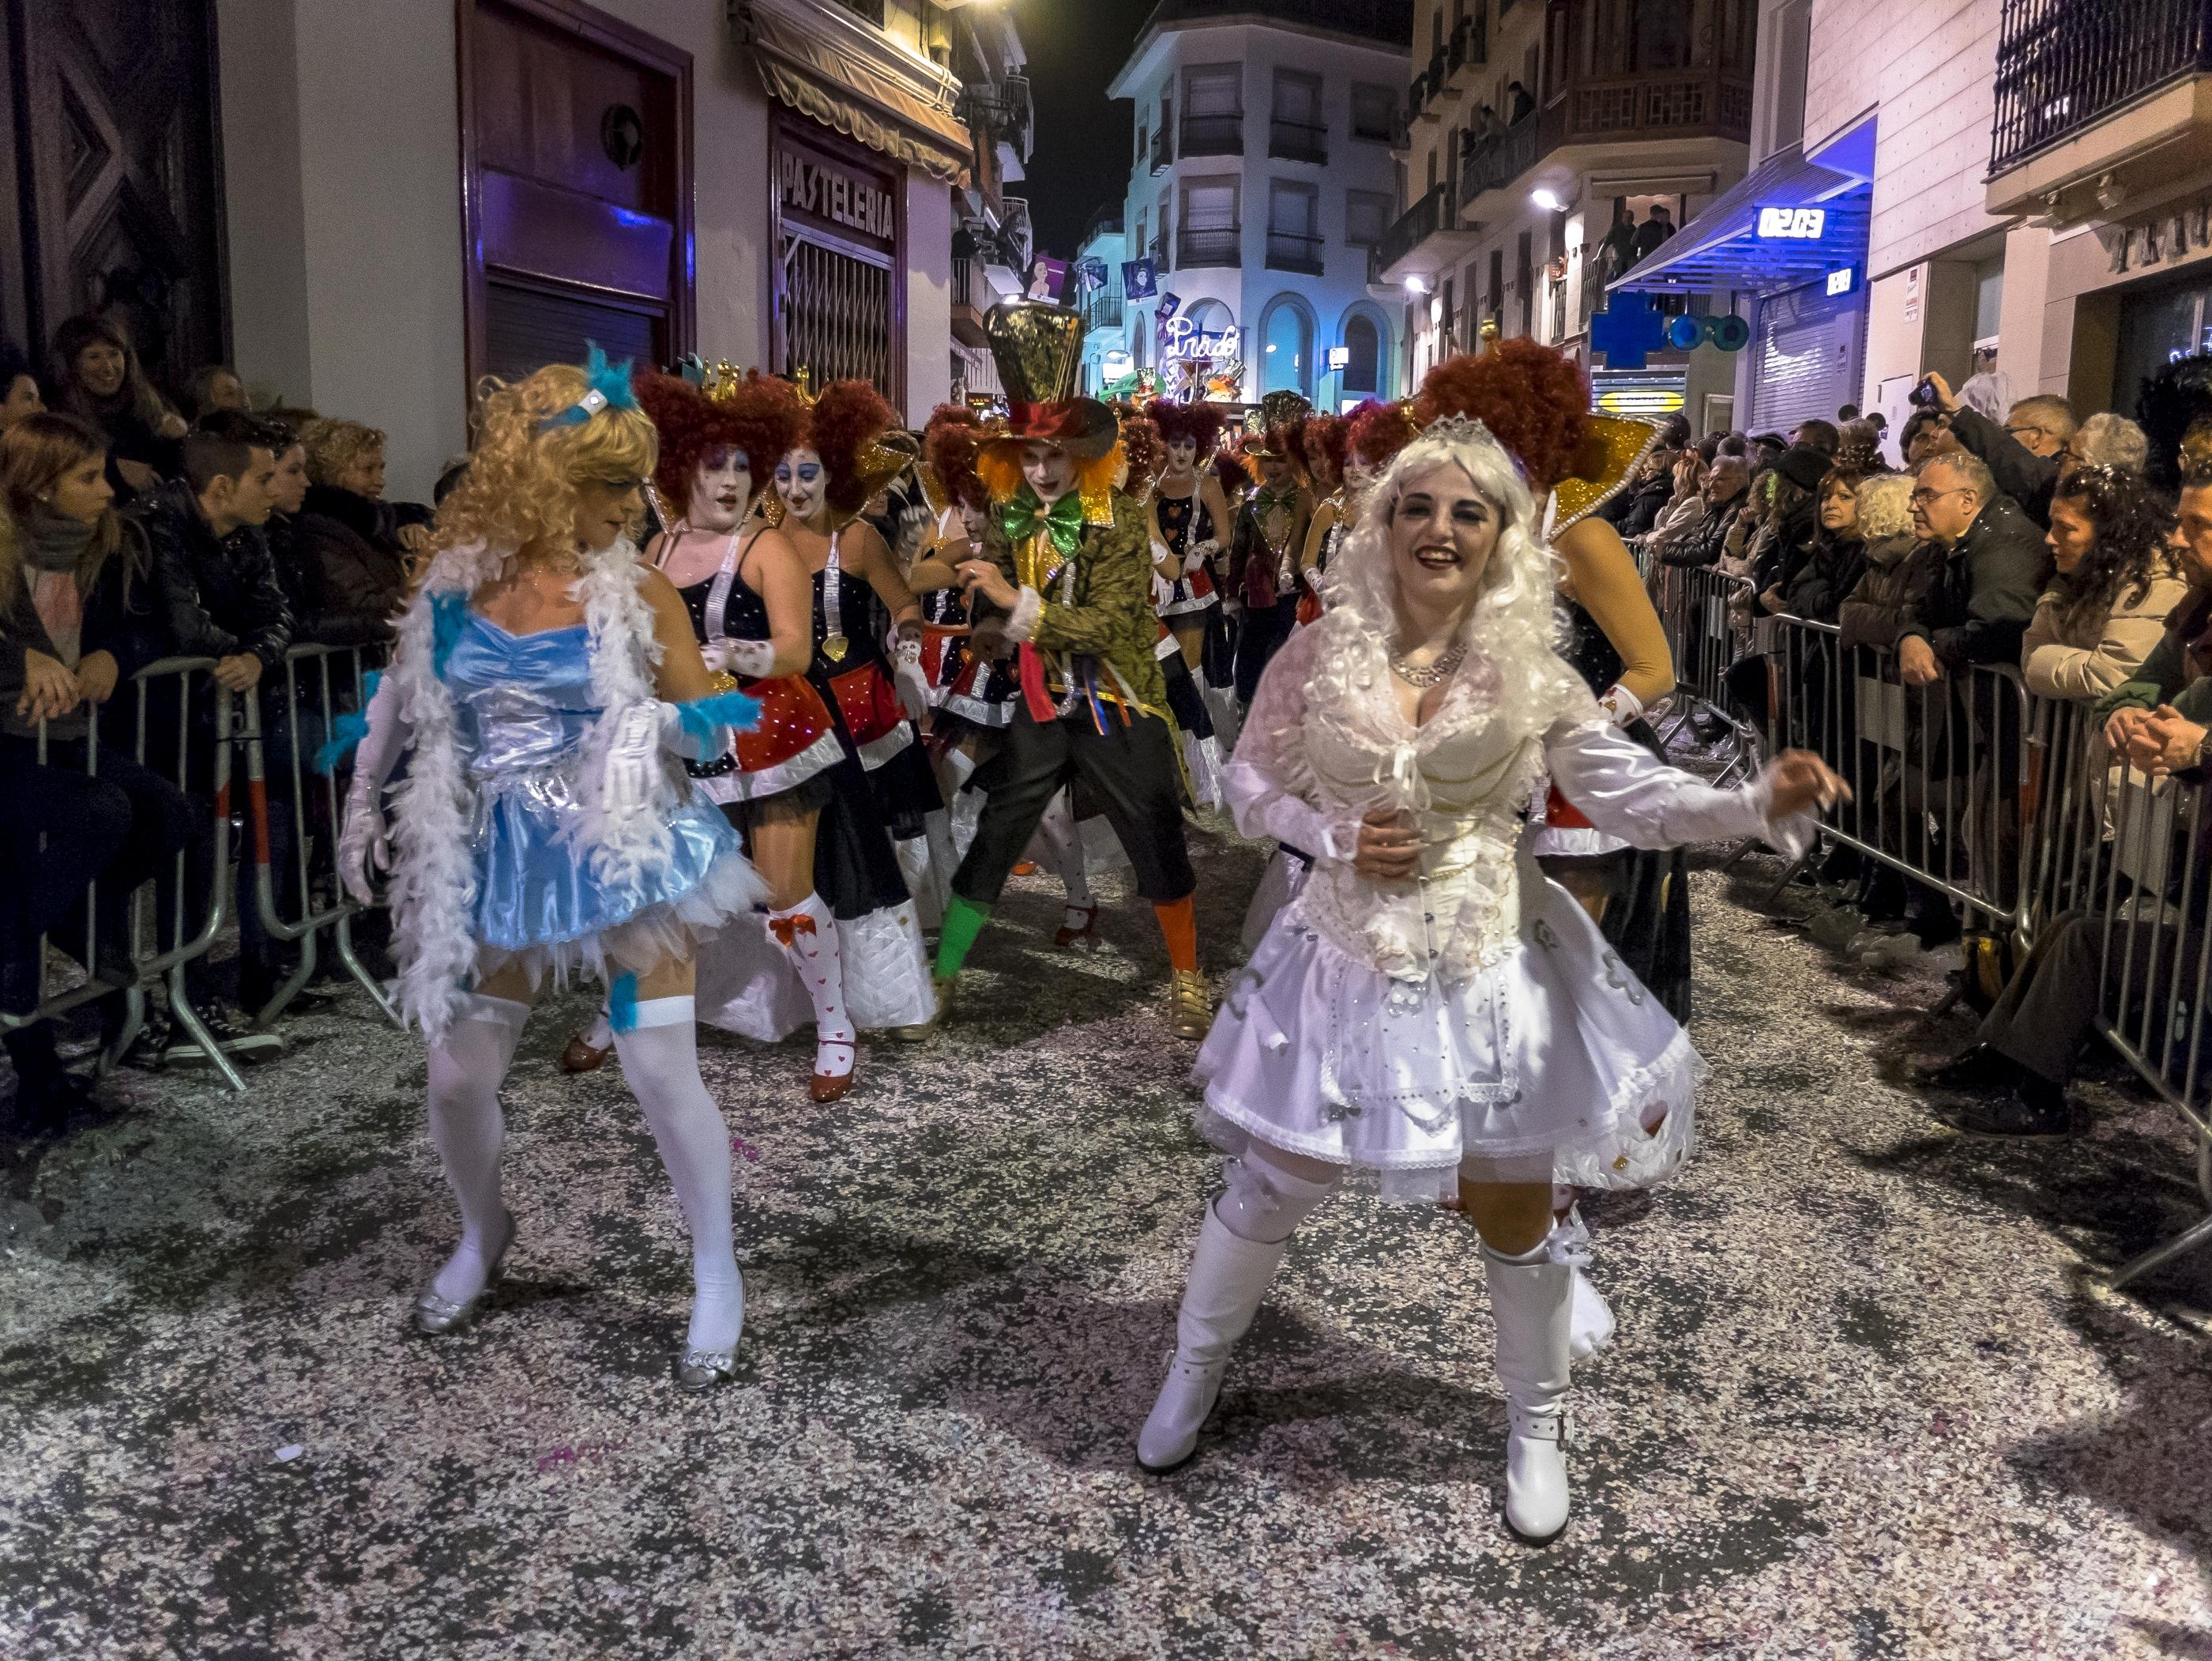 Carnaval em Sitges, cidade da Espanha